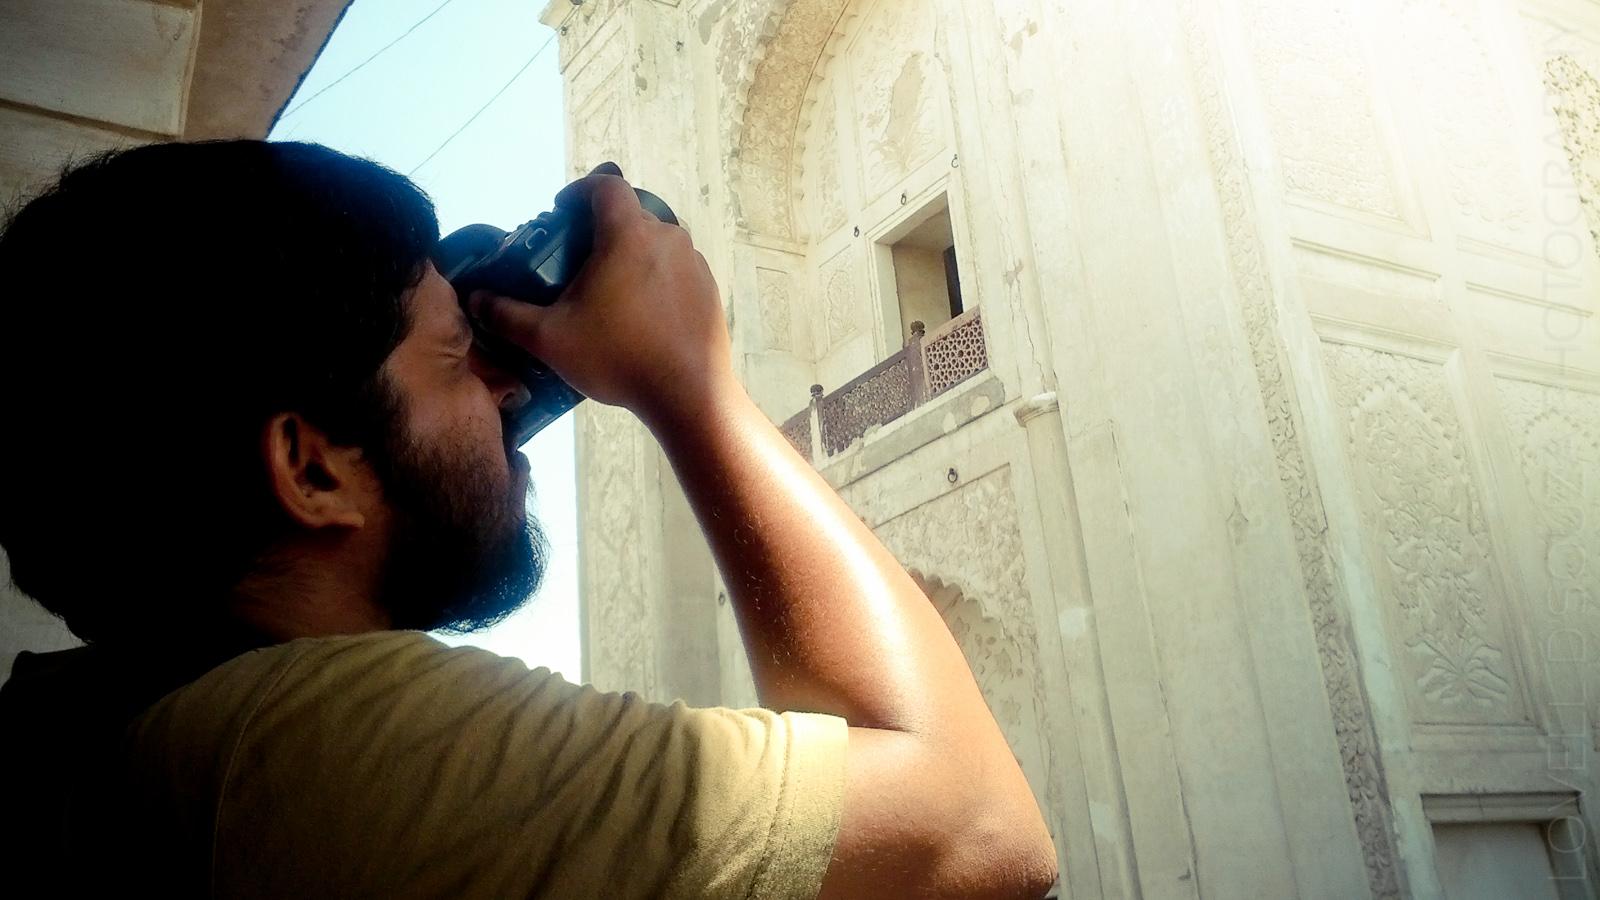 Lovell clicks the Bibi Ka Maqbara